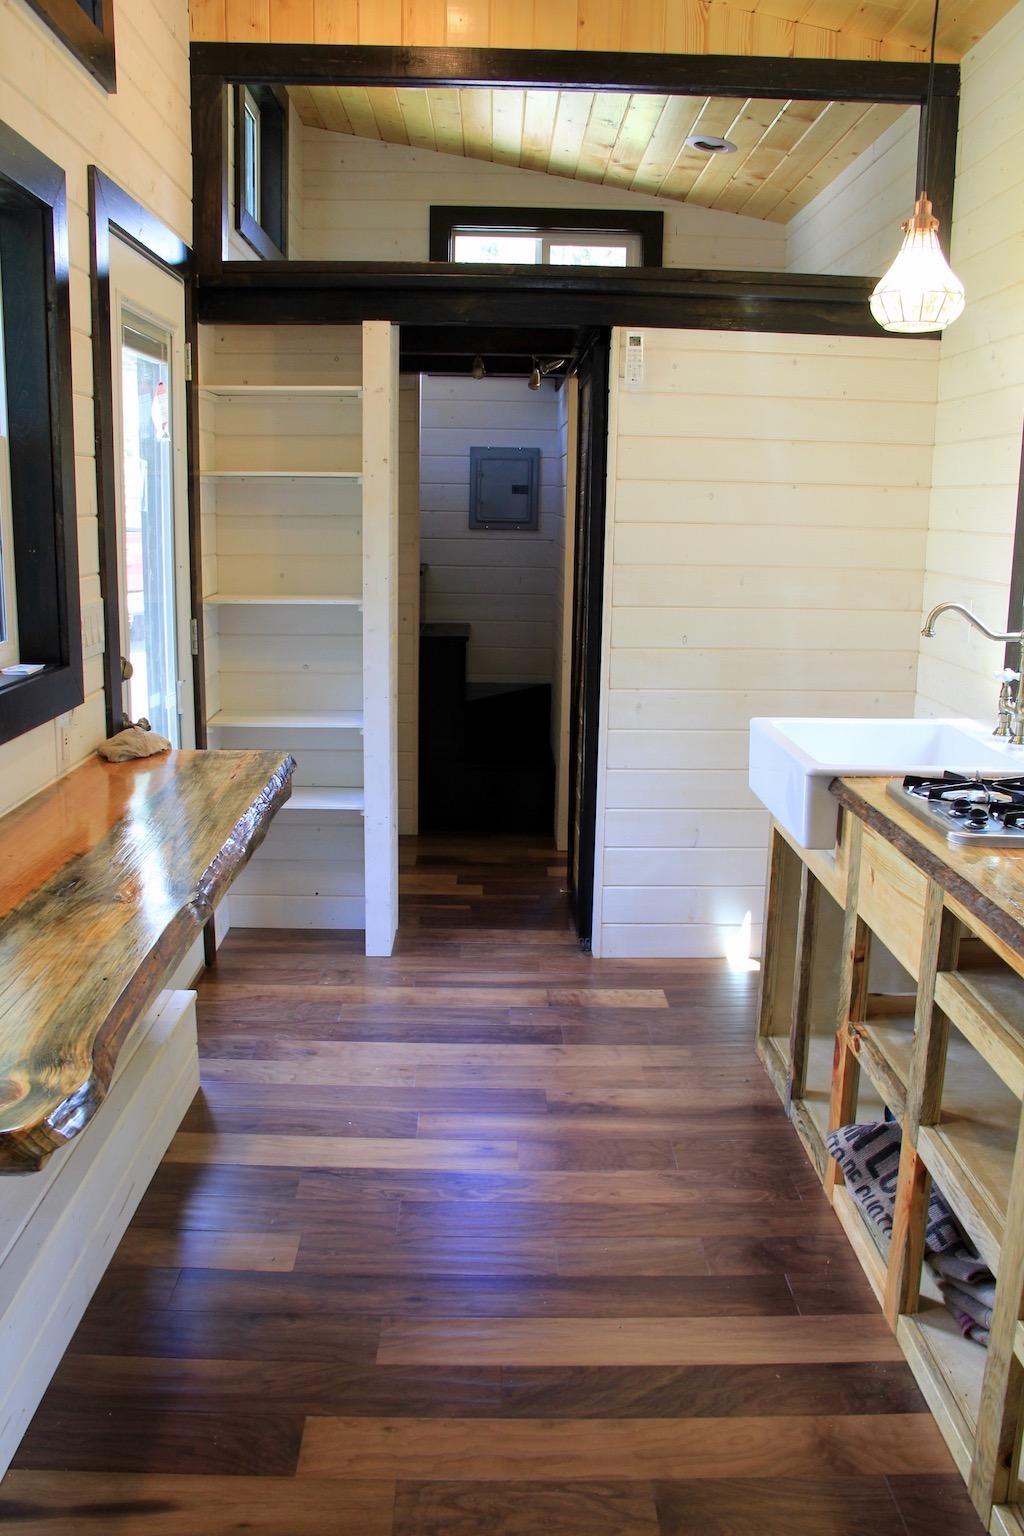 fort-austin-tiny-house-brevard-tiny-house-company-2